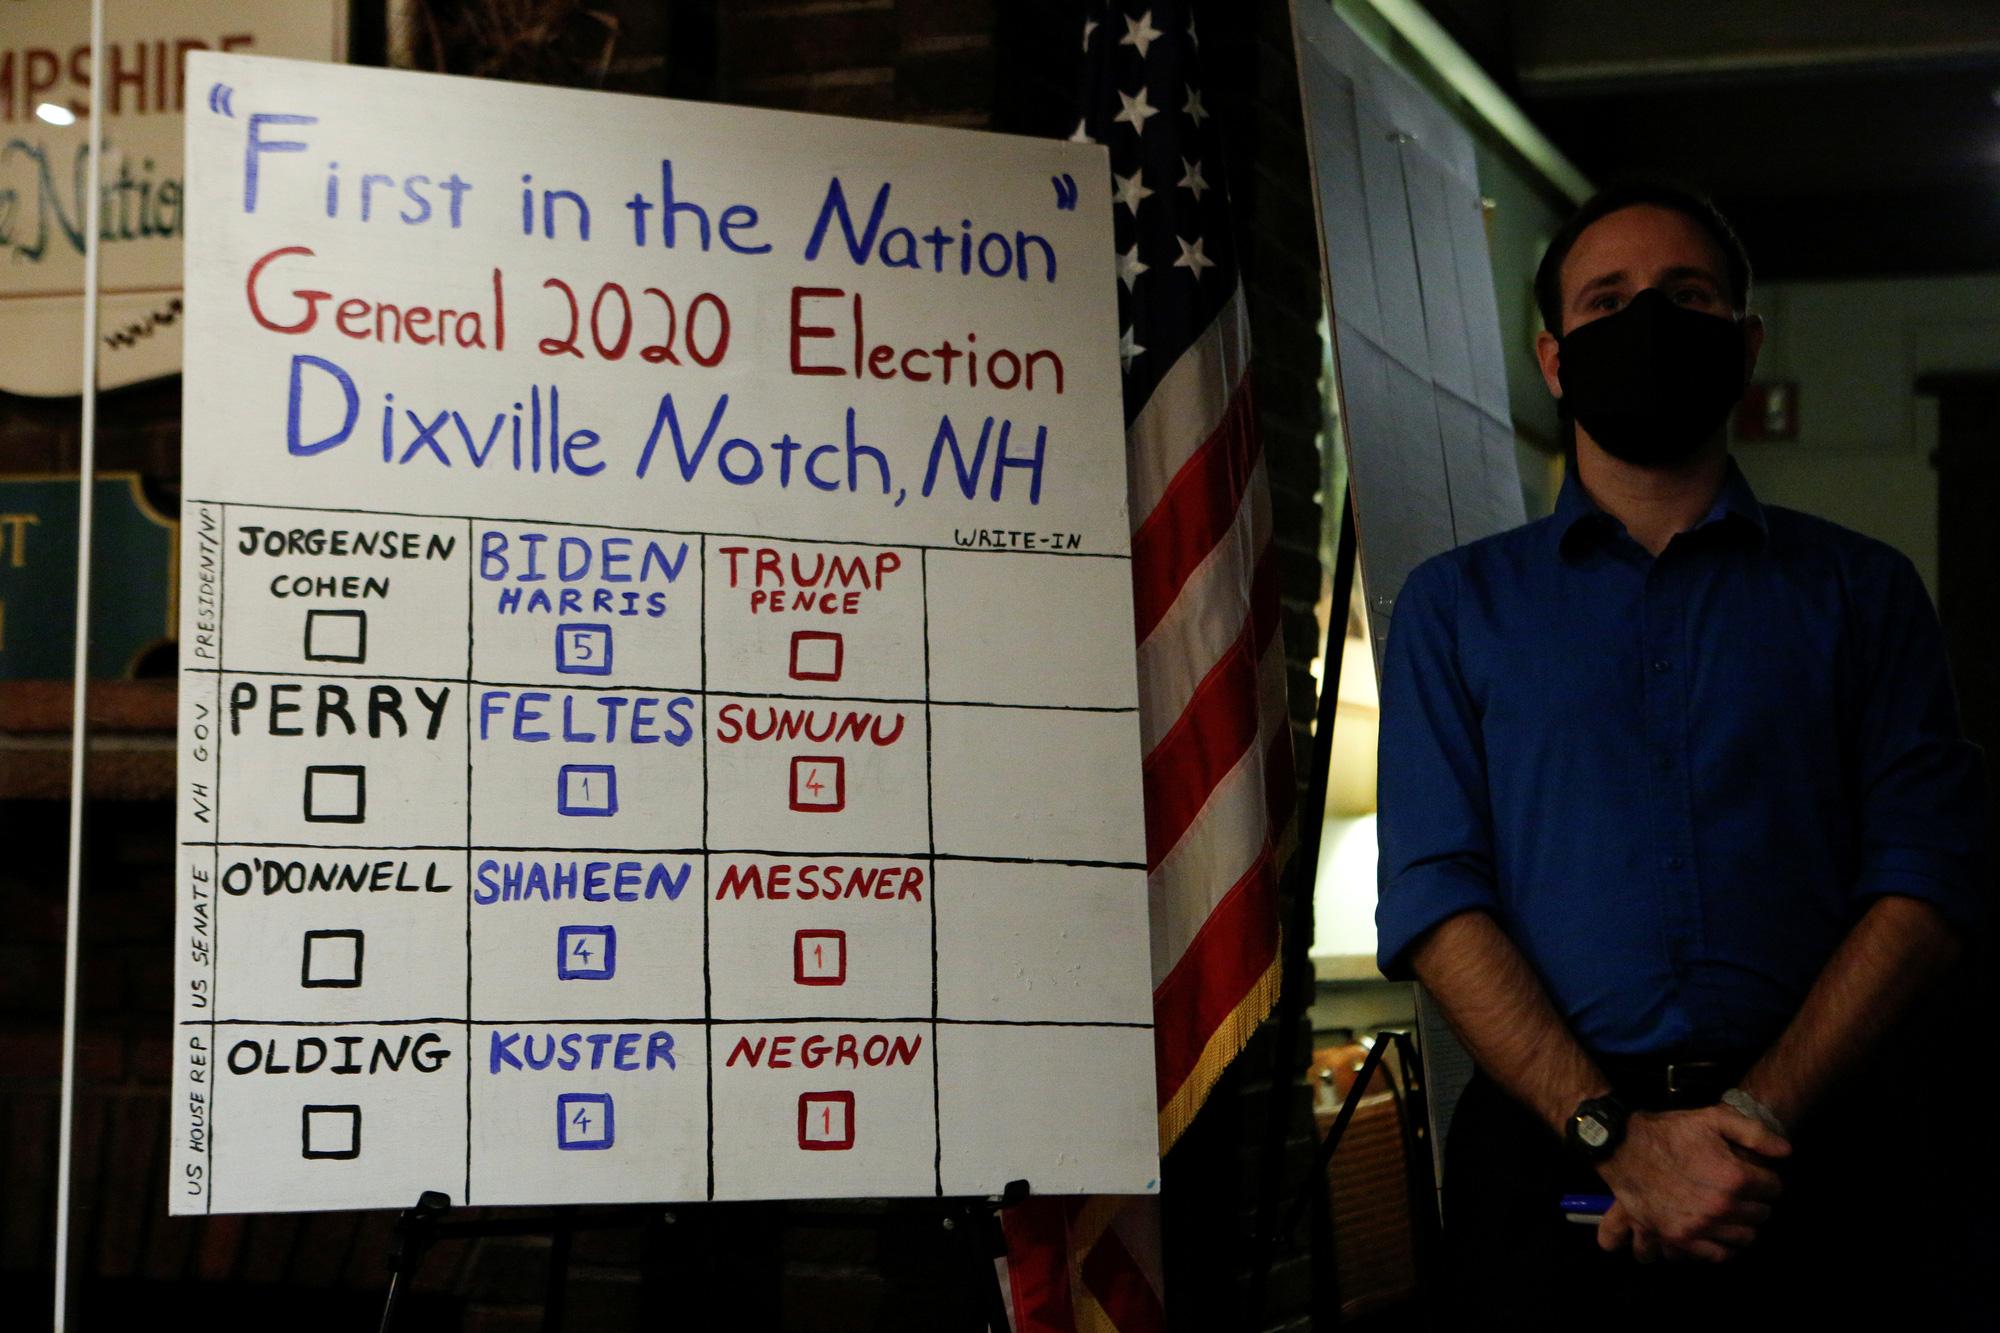 Điểm bỏ phiếu Millsfield: ông Trump 16 phiếu, ông Biden 5 phiếu - Ảnh 1.